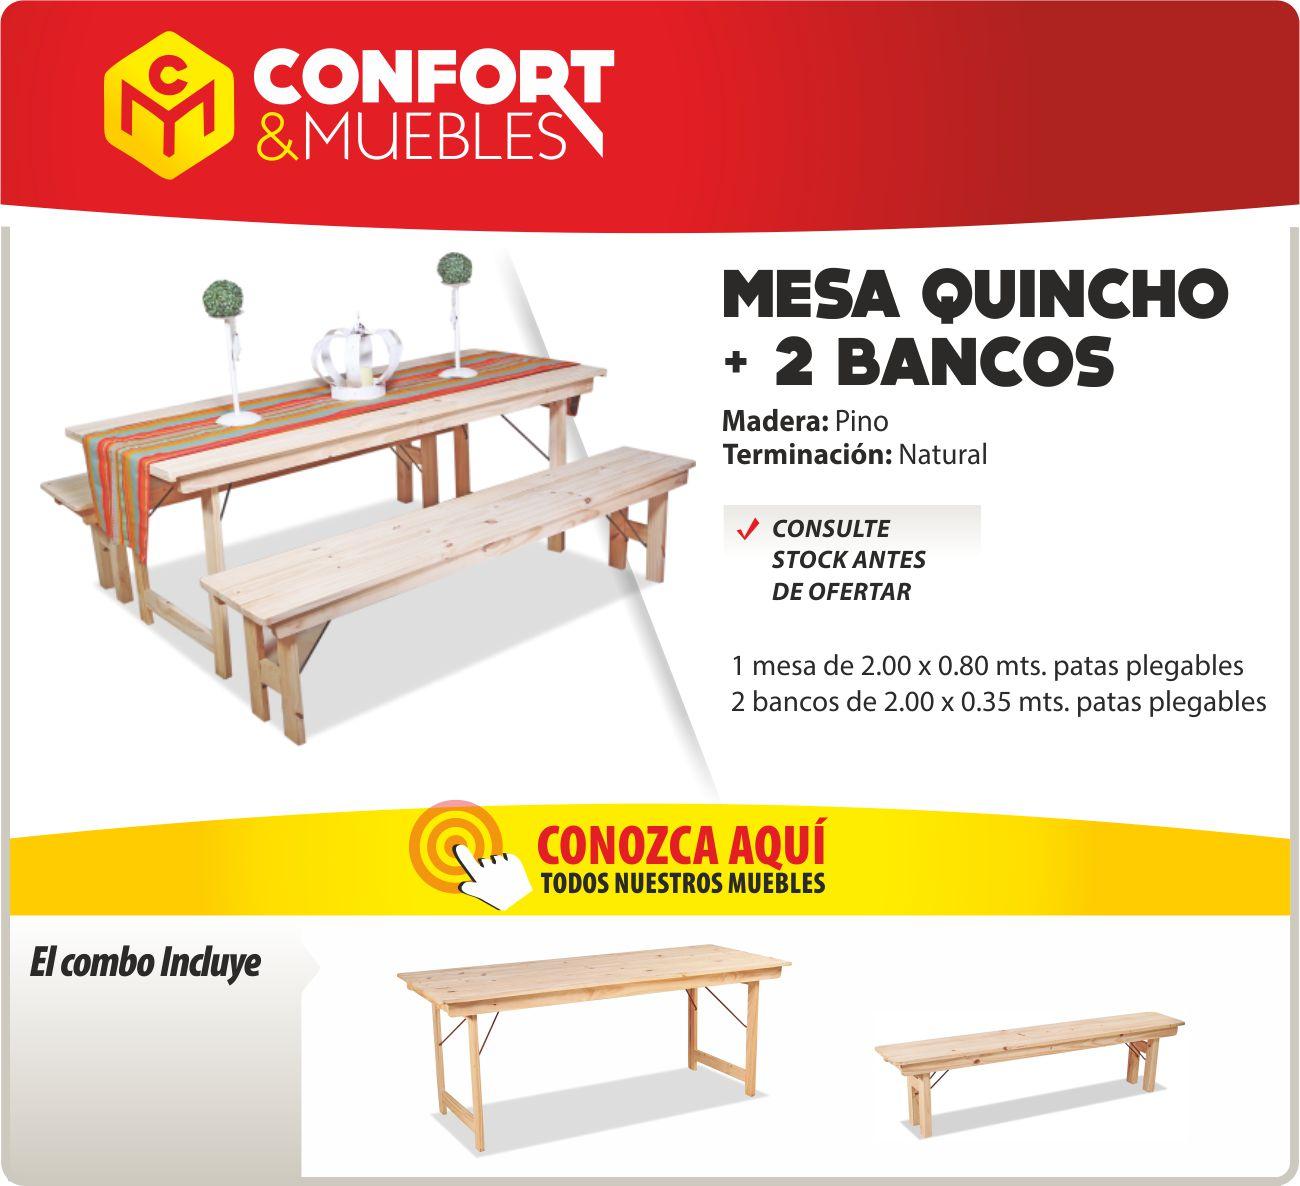 Mesa de madera de pino 2mts plegable quincho 2 bancos confort y muebles - Confort y muebles ...